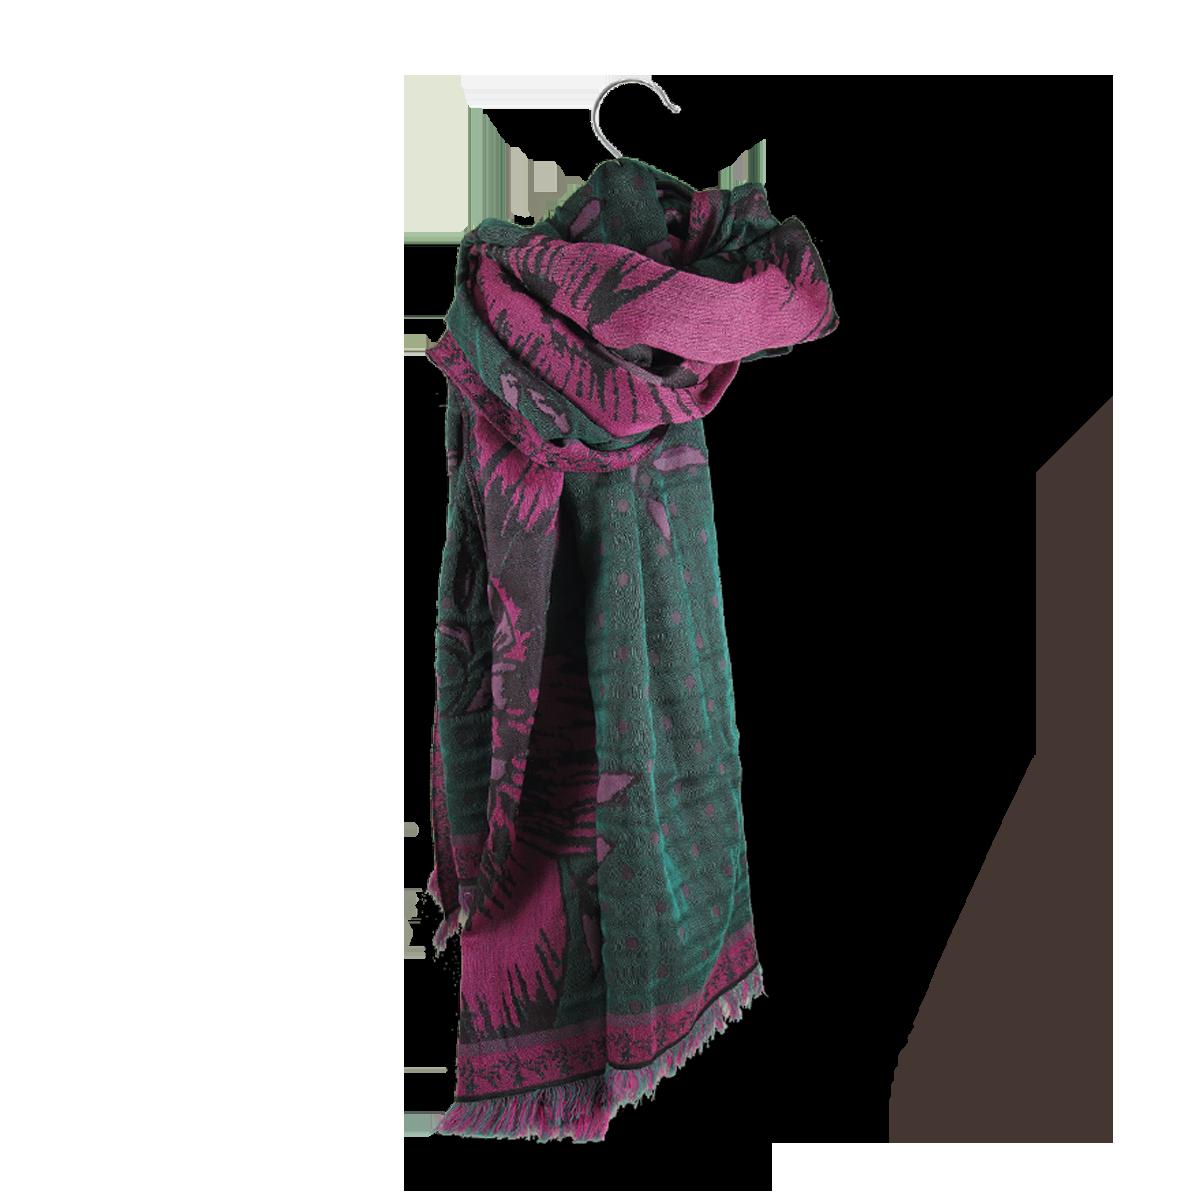 f4c9cbfbcad6 Grande étole Femme Vert en Laine Coton Soie - Etole oversize